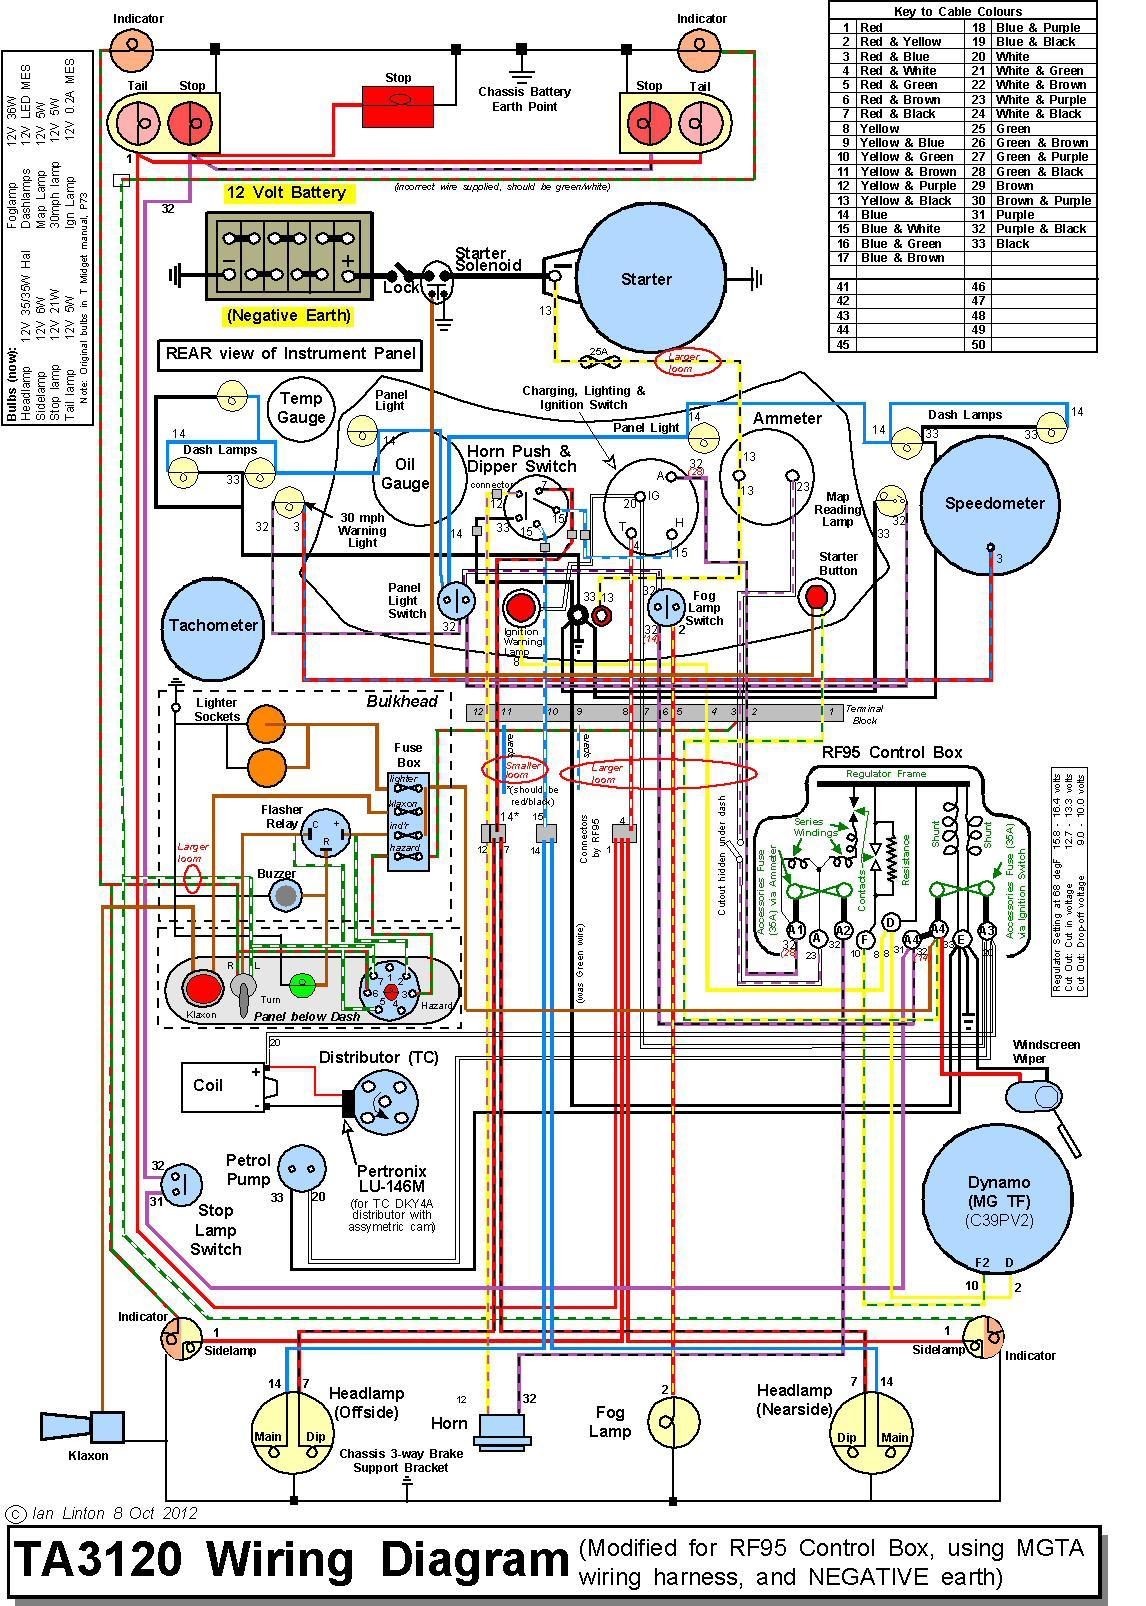 1972 Mg Midget Wiring Diagram Schematic 3 Wire Horn Schematic 7gen Nissaan Losdol2 Jeanjaures37 Fr